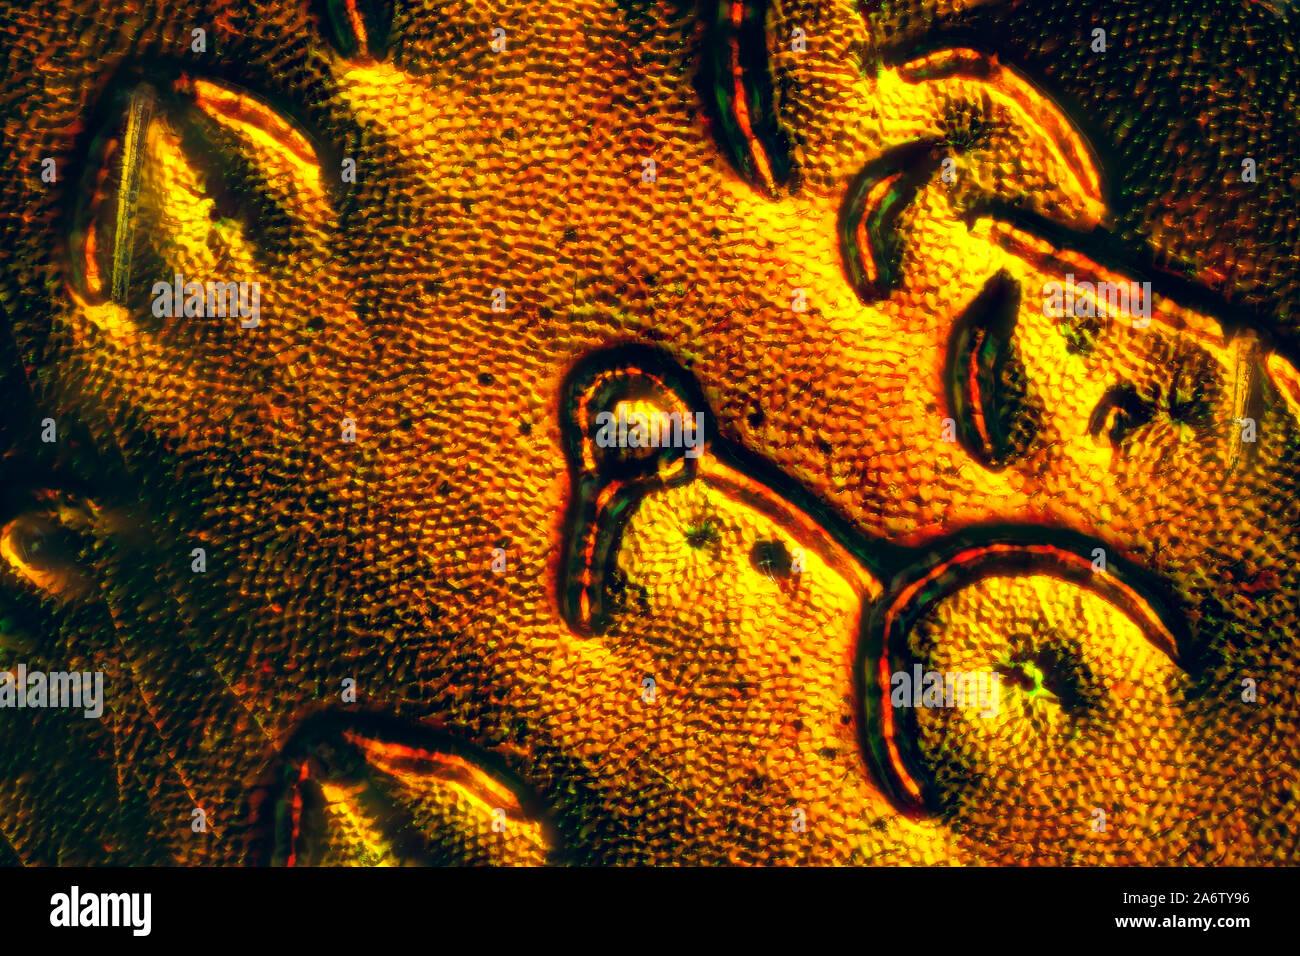 Rose chafer, Cetonia aurata, Guldbagge Foto Stock